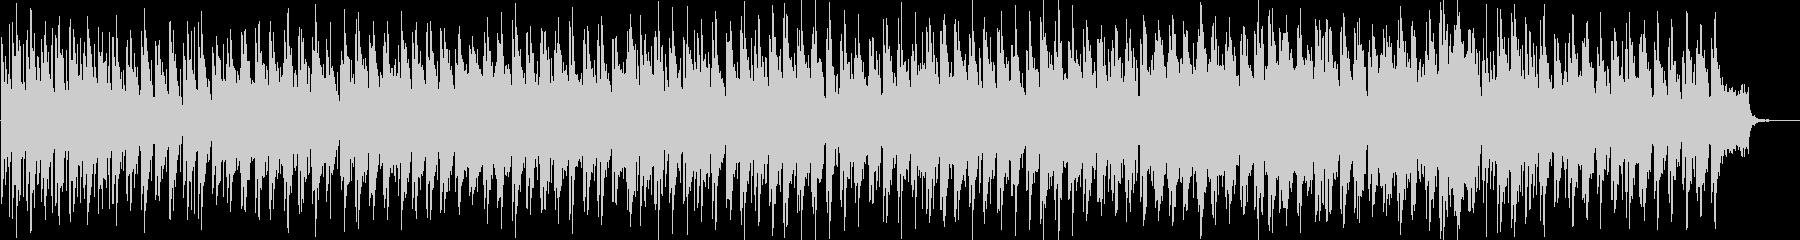 フランシスレイっぽいおしゃれなボサノバの未再生の波形